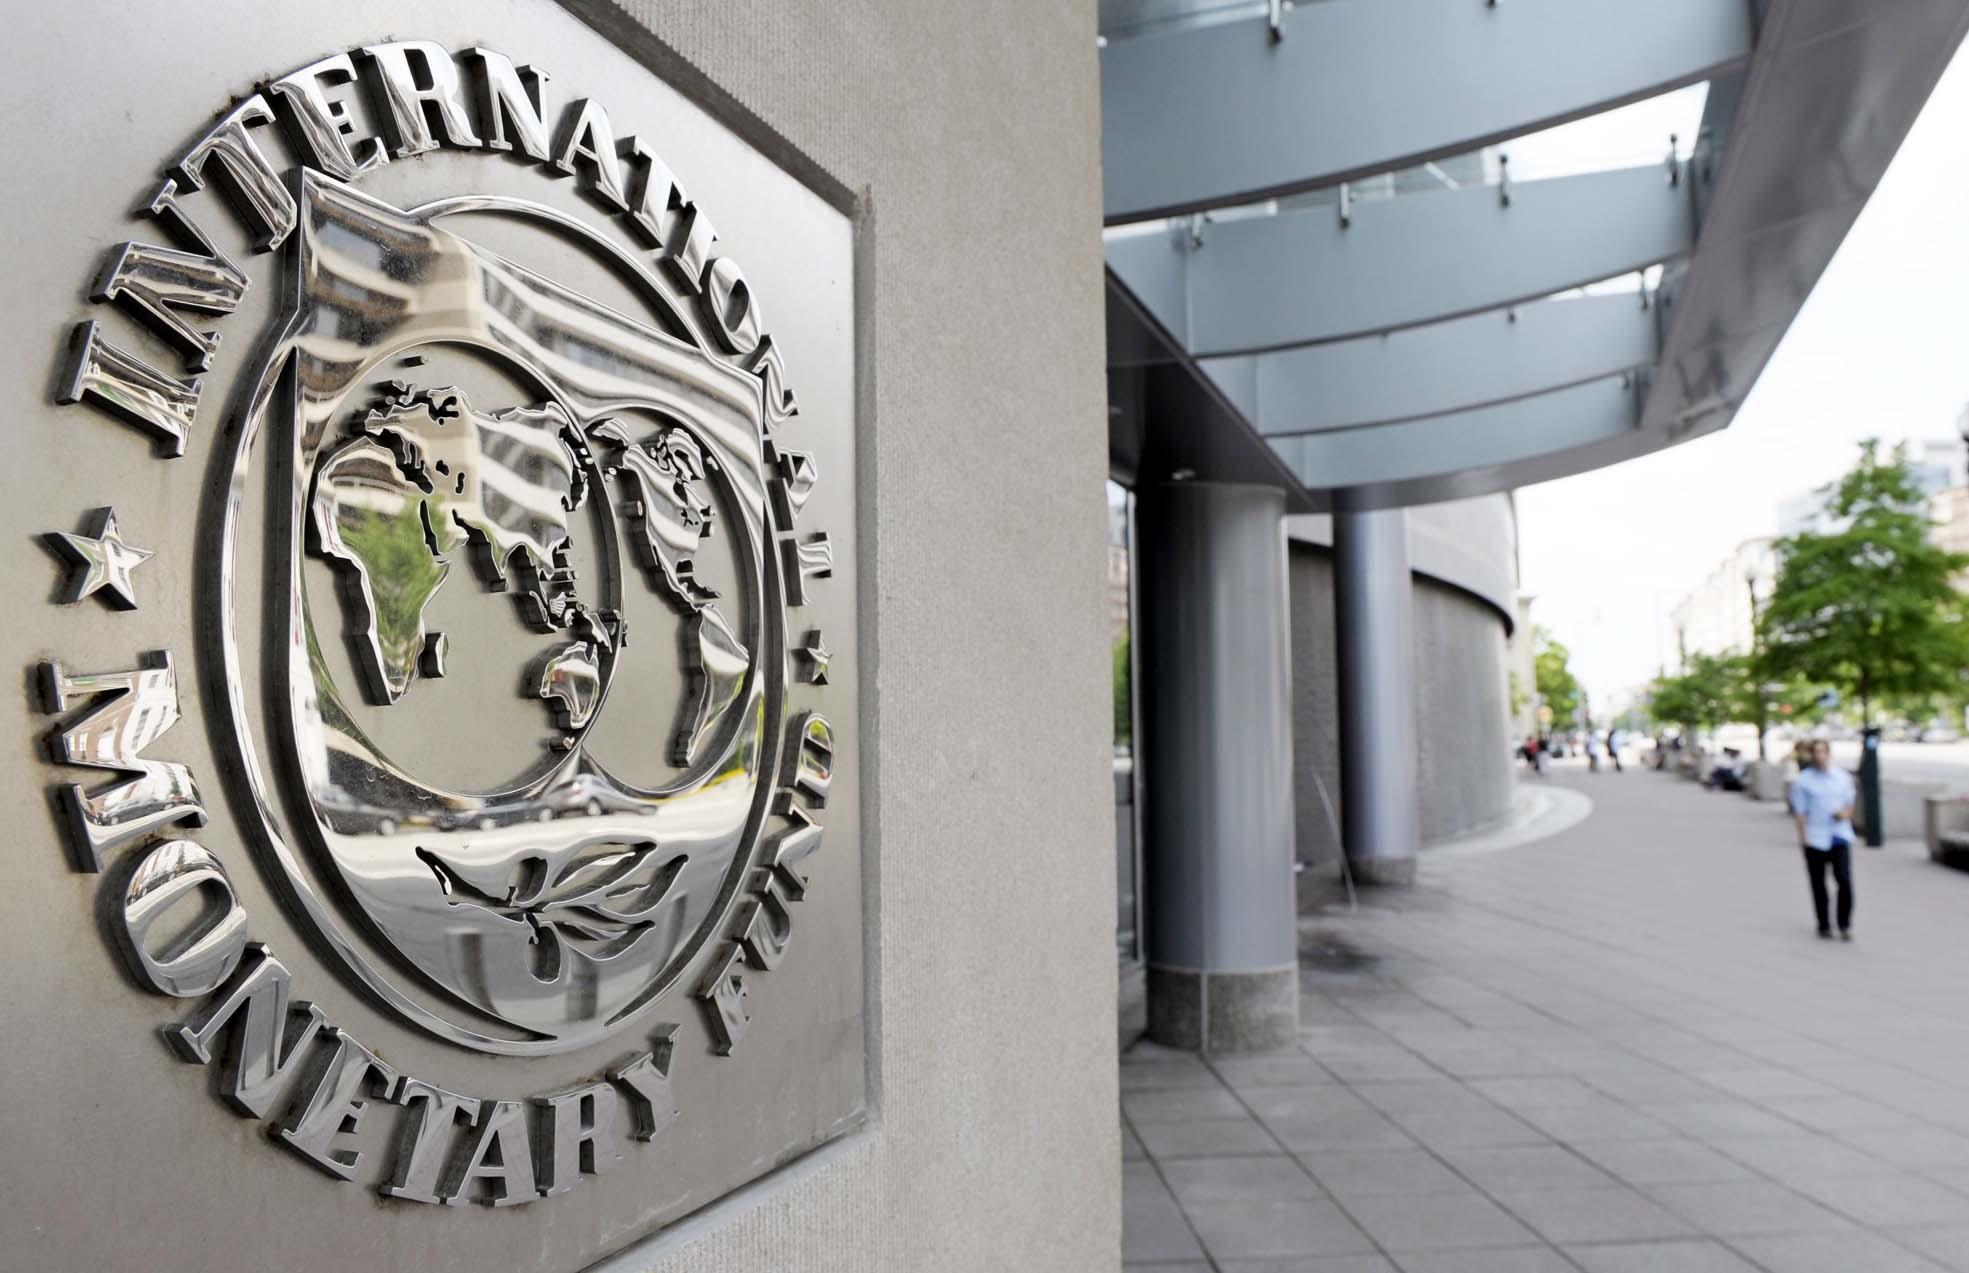 Washington, 2010. május 2. A Nemzetközi Valutaalap, az IMF székháza Washingtonban 2010. május 2-án. Ezen a napon a görög kormány megállapodott a Nemzetközi Valutaalappal (IMF) és az Európai Unióval a görög költségvetési hiány miatt szükségessé vált pénzügyi mentõcsomagról. Az egyezség értelmében Görögország 110 milliárd eurós segélyt kap, és négy év alatt a bruttó hazai termék, a GDP 3 százaléka alá szorítja le az államháztartási hiányt. (MTI/AP/Cliff Owen)